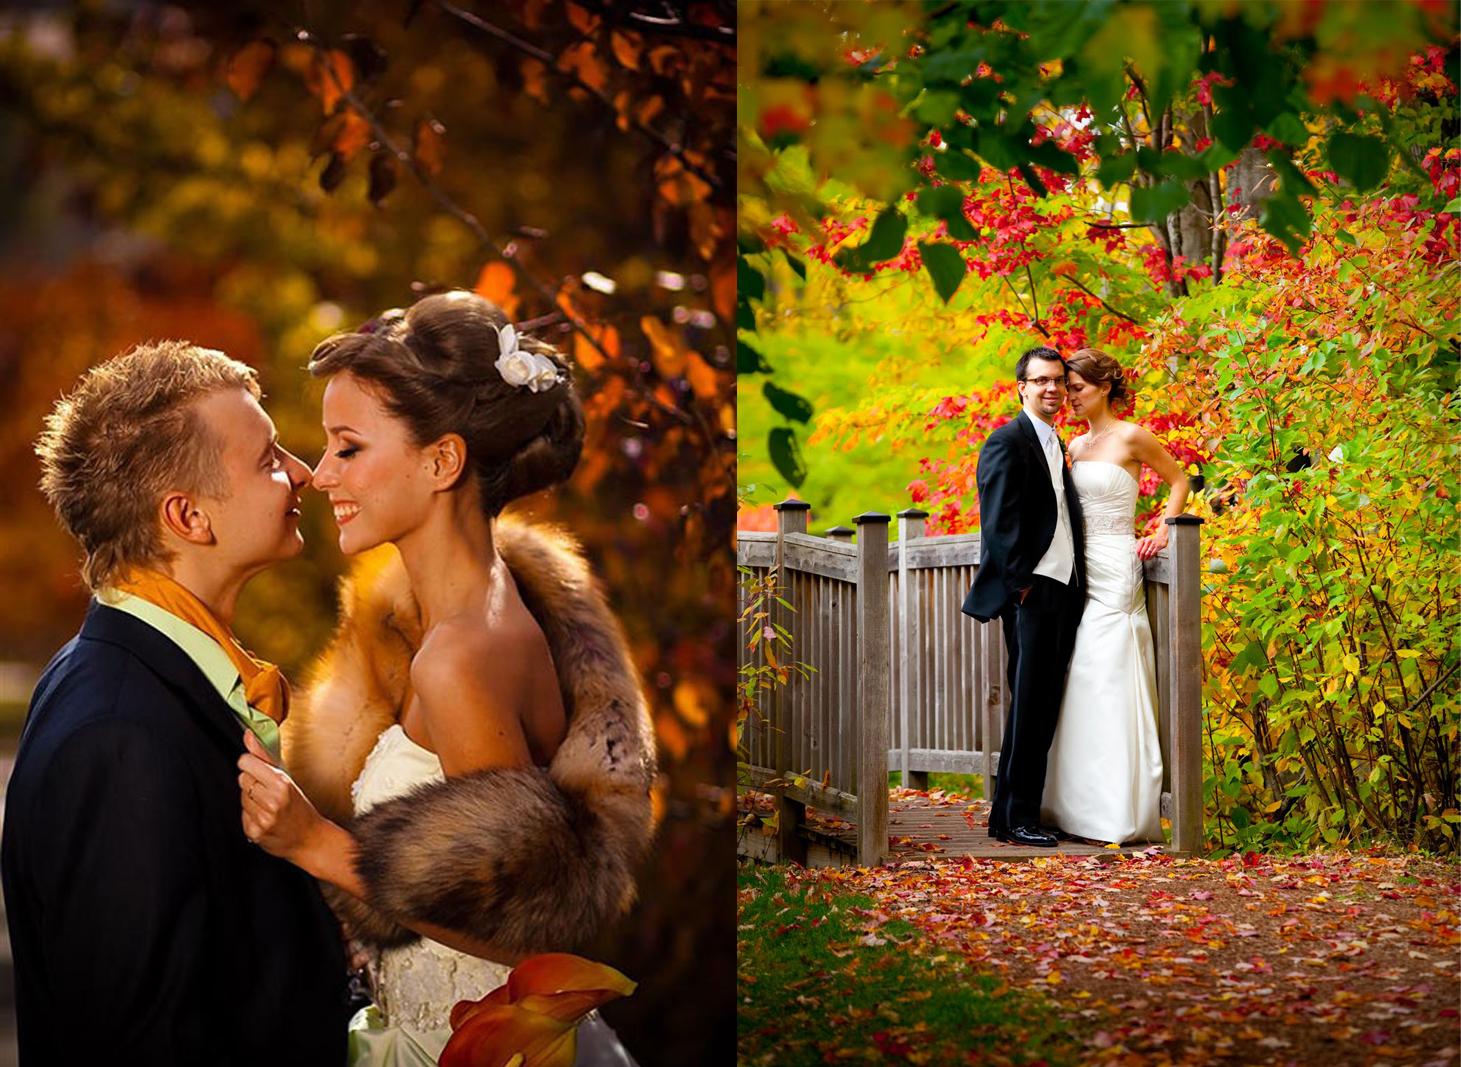 Оригинальные свадебные фото осенью идеи